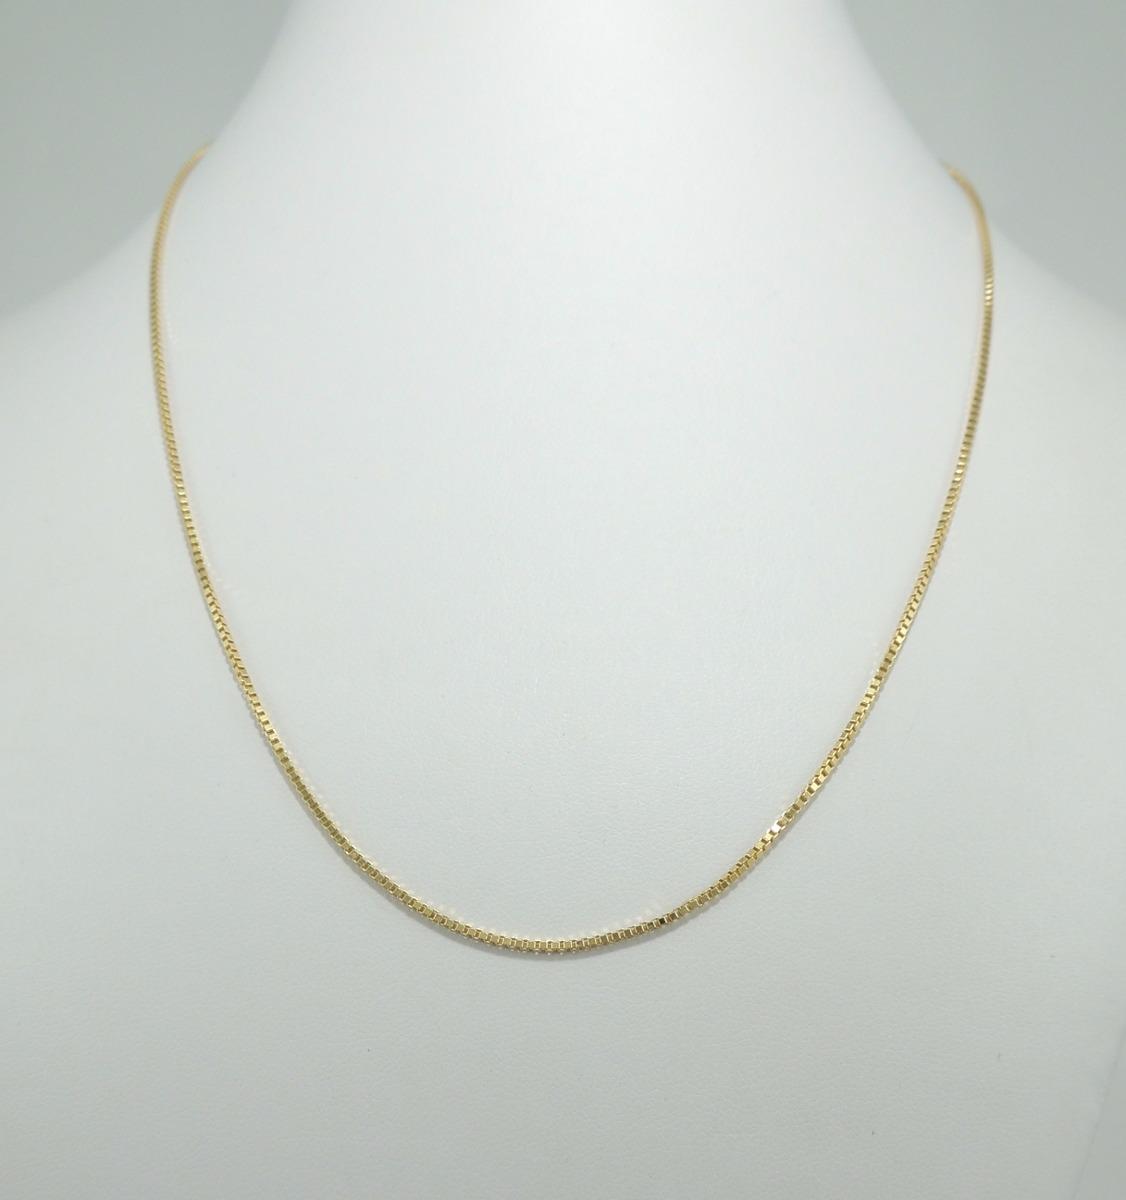 Corrente Veneziana 60 Cm Em Ouro 18k 750 Cordão - R  960,00 em ... 2f16c34527